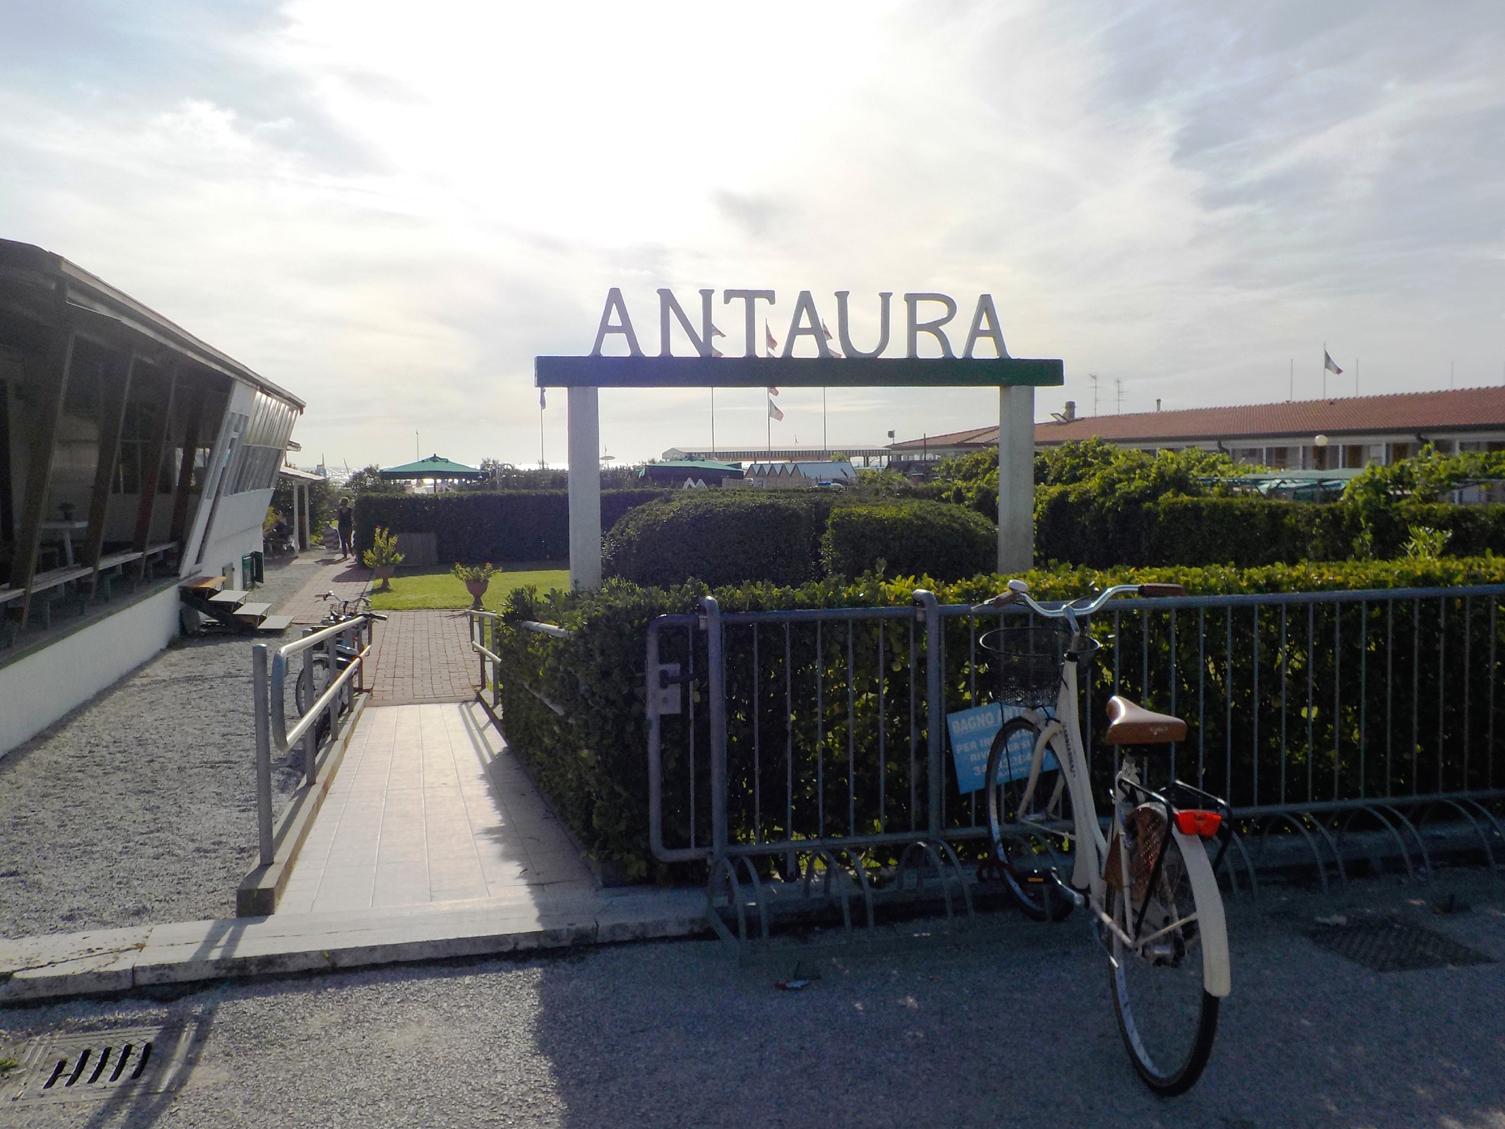 Bagno antaura handy superabile - Bagno amedea viareggio ...